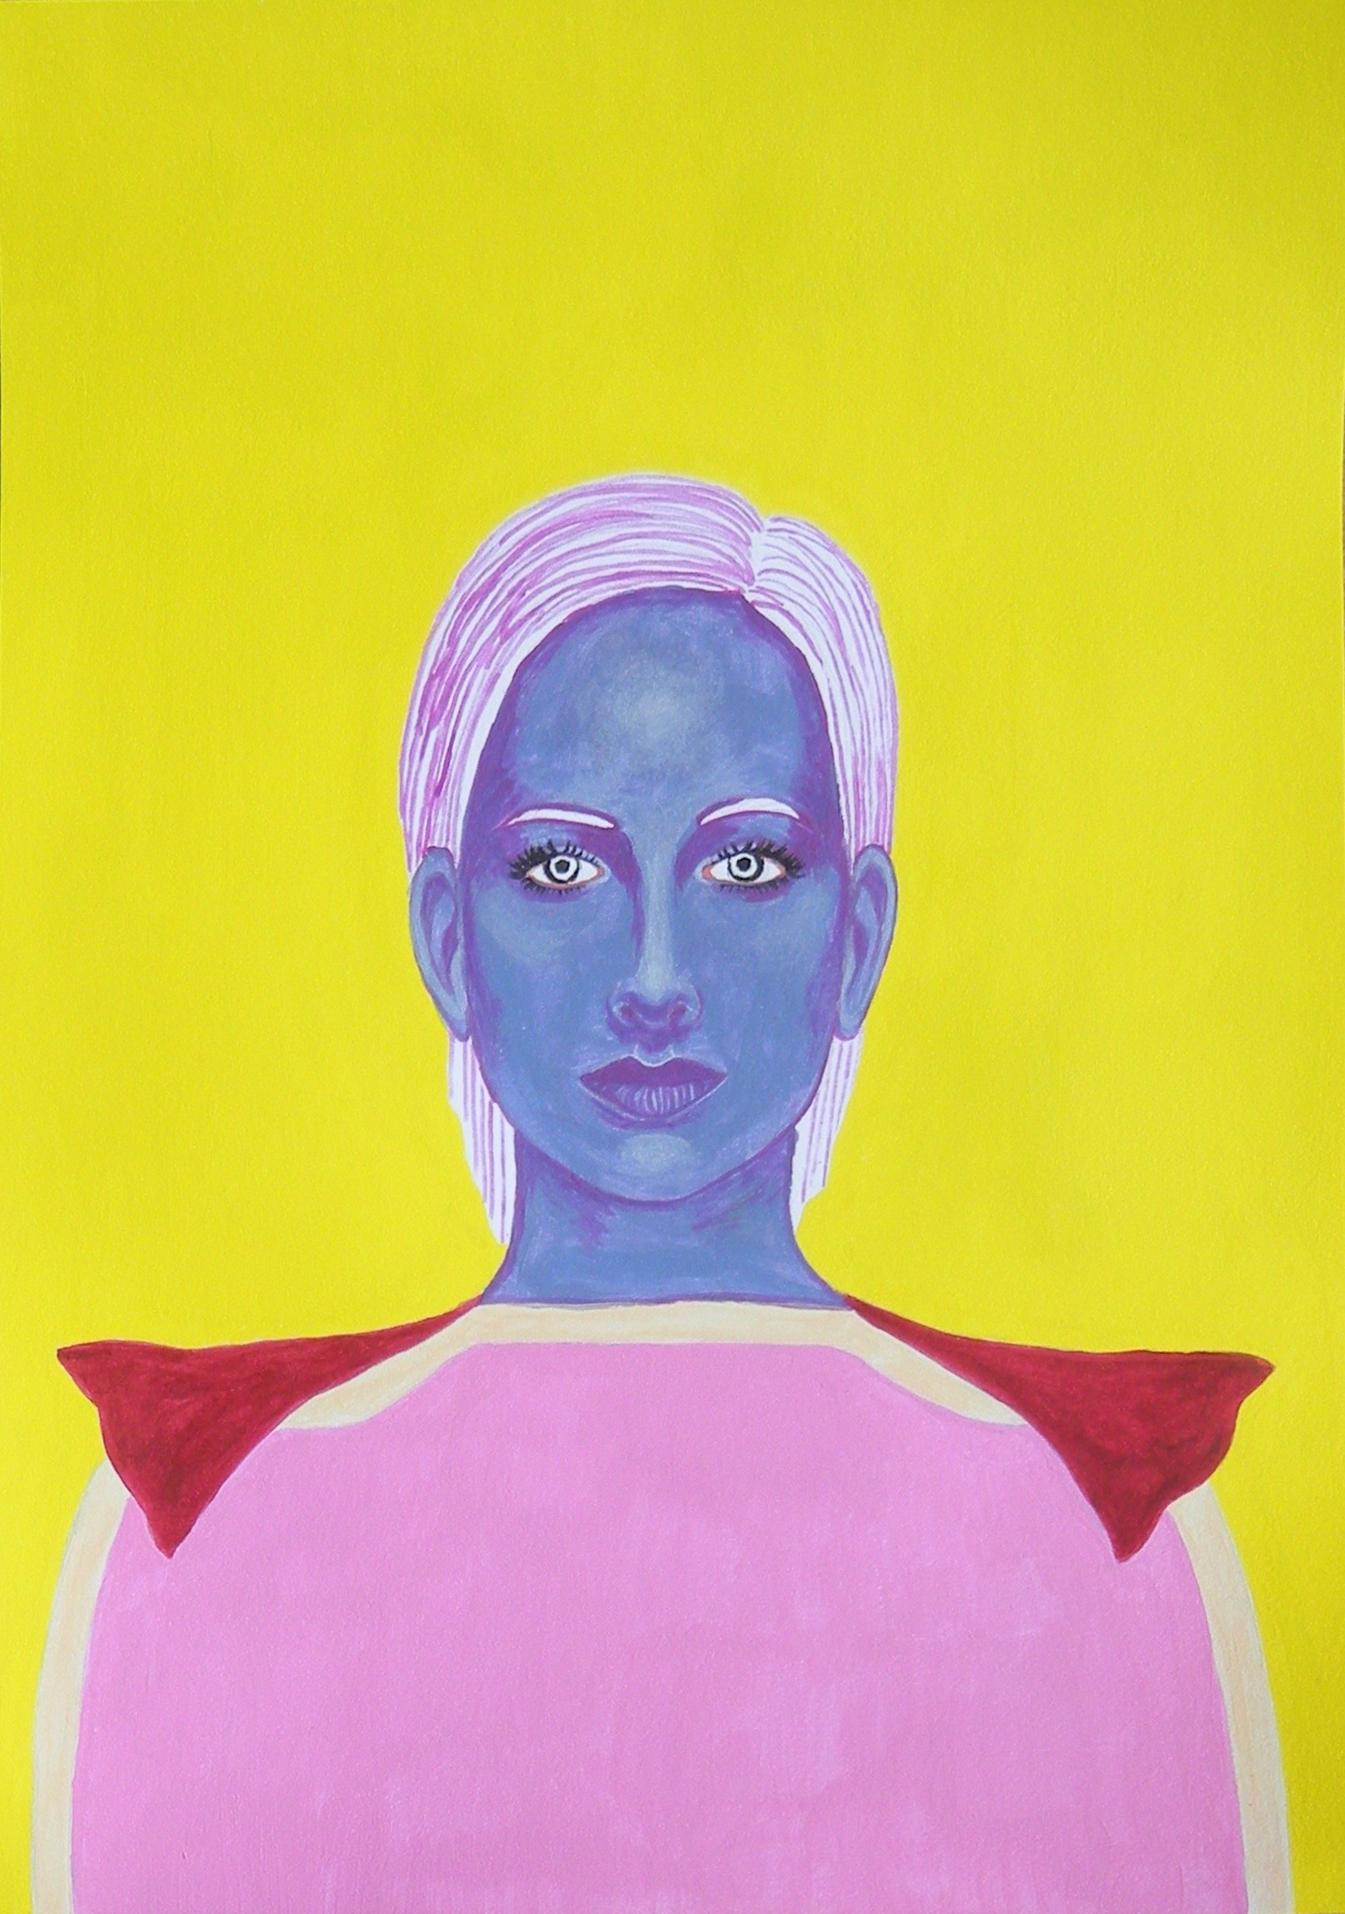 Iris - Portrait imaginaire d'une voyageuse de l'espace.